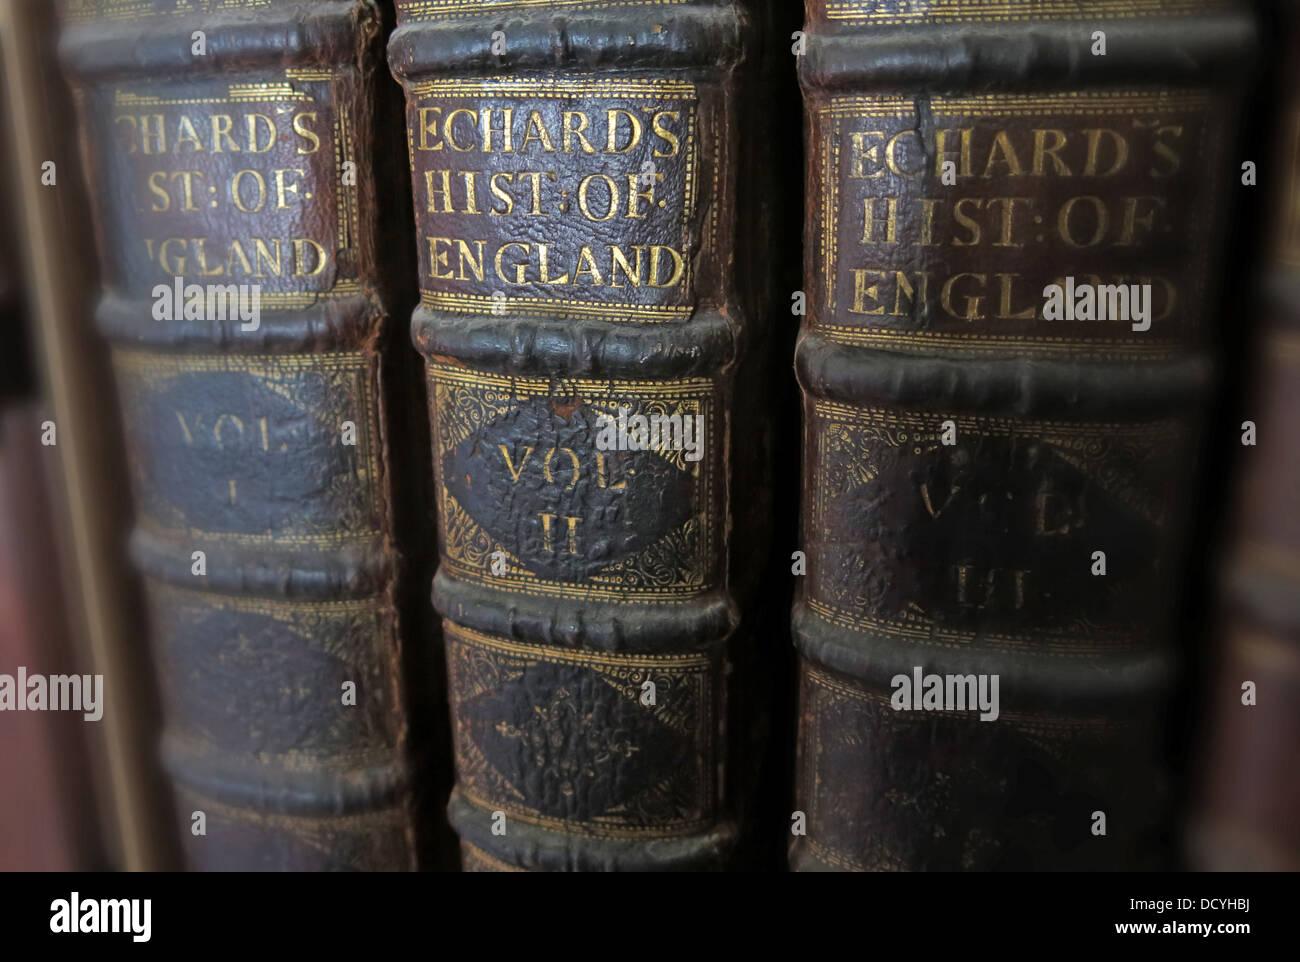 Laden Sie dieses Alamy Stockfoto Antike & alte Bücher, Echards Geschichte Englands, Vol 1, VolII, VolIII, - DCYHBJ